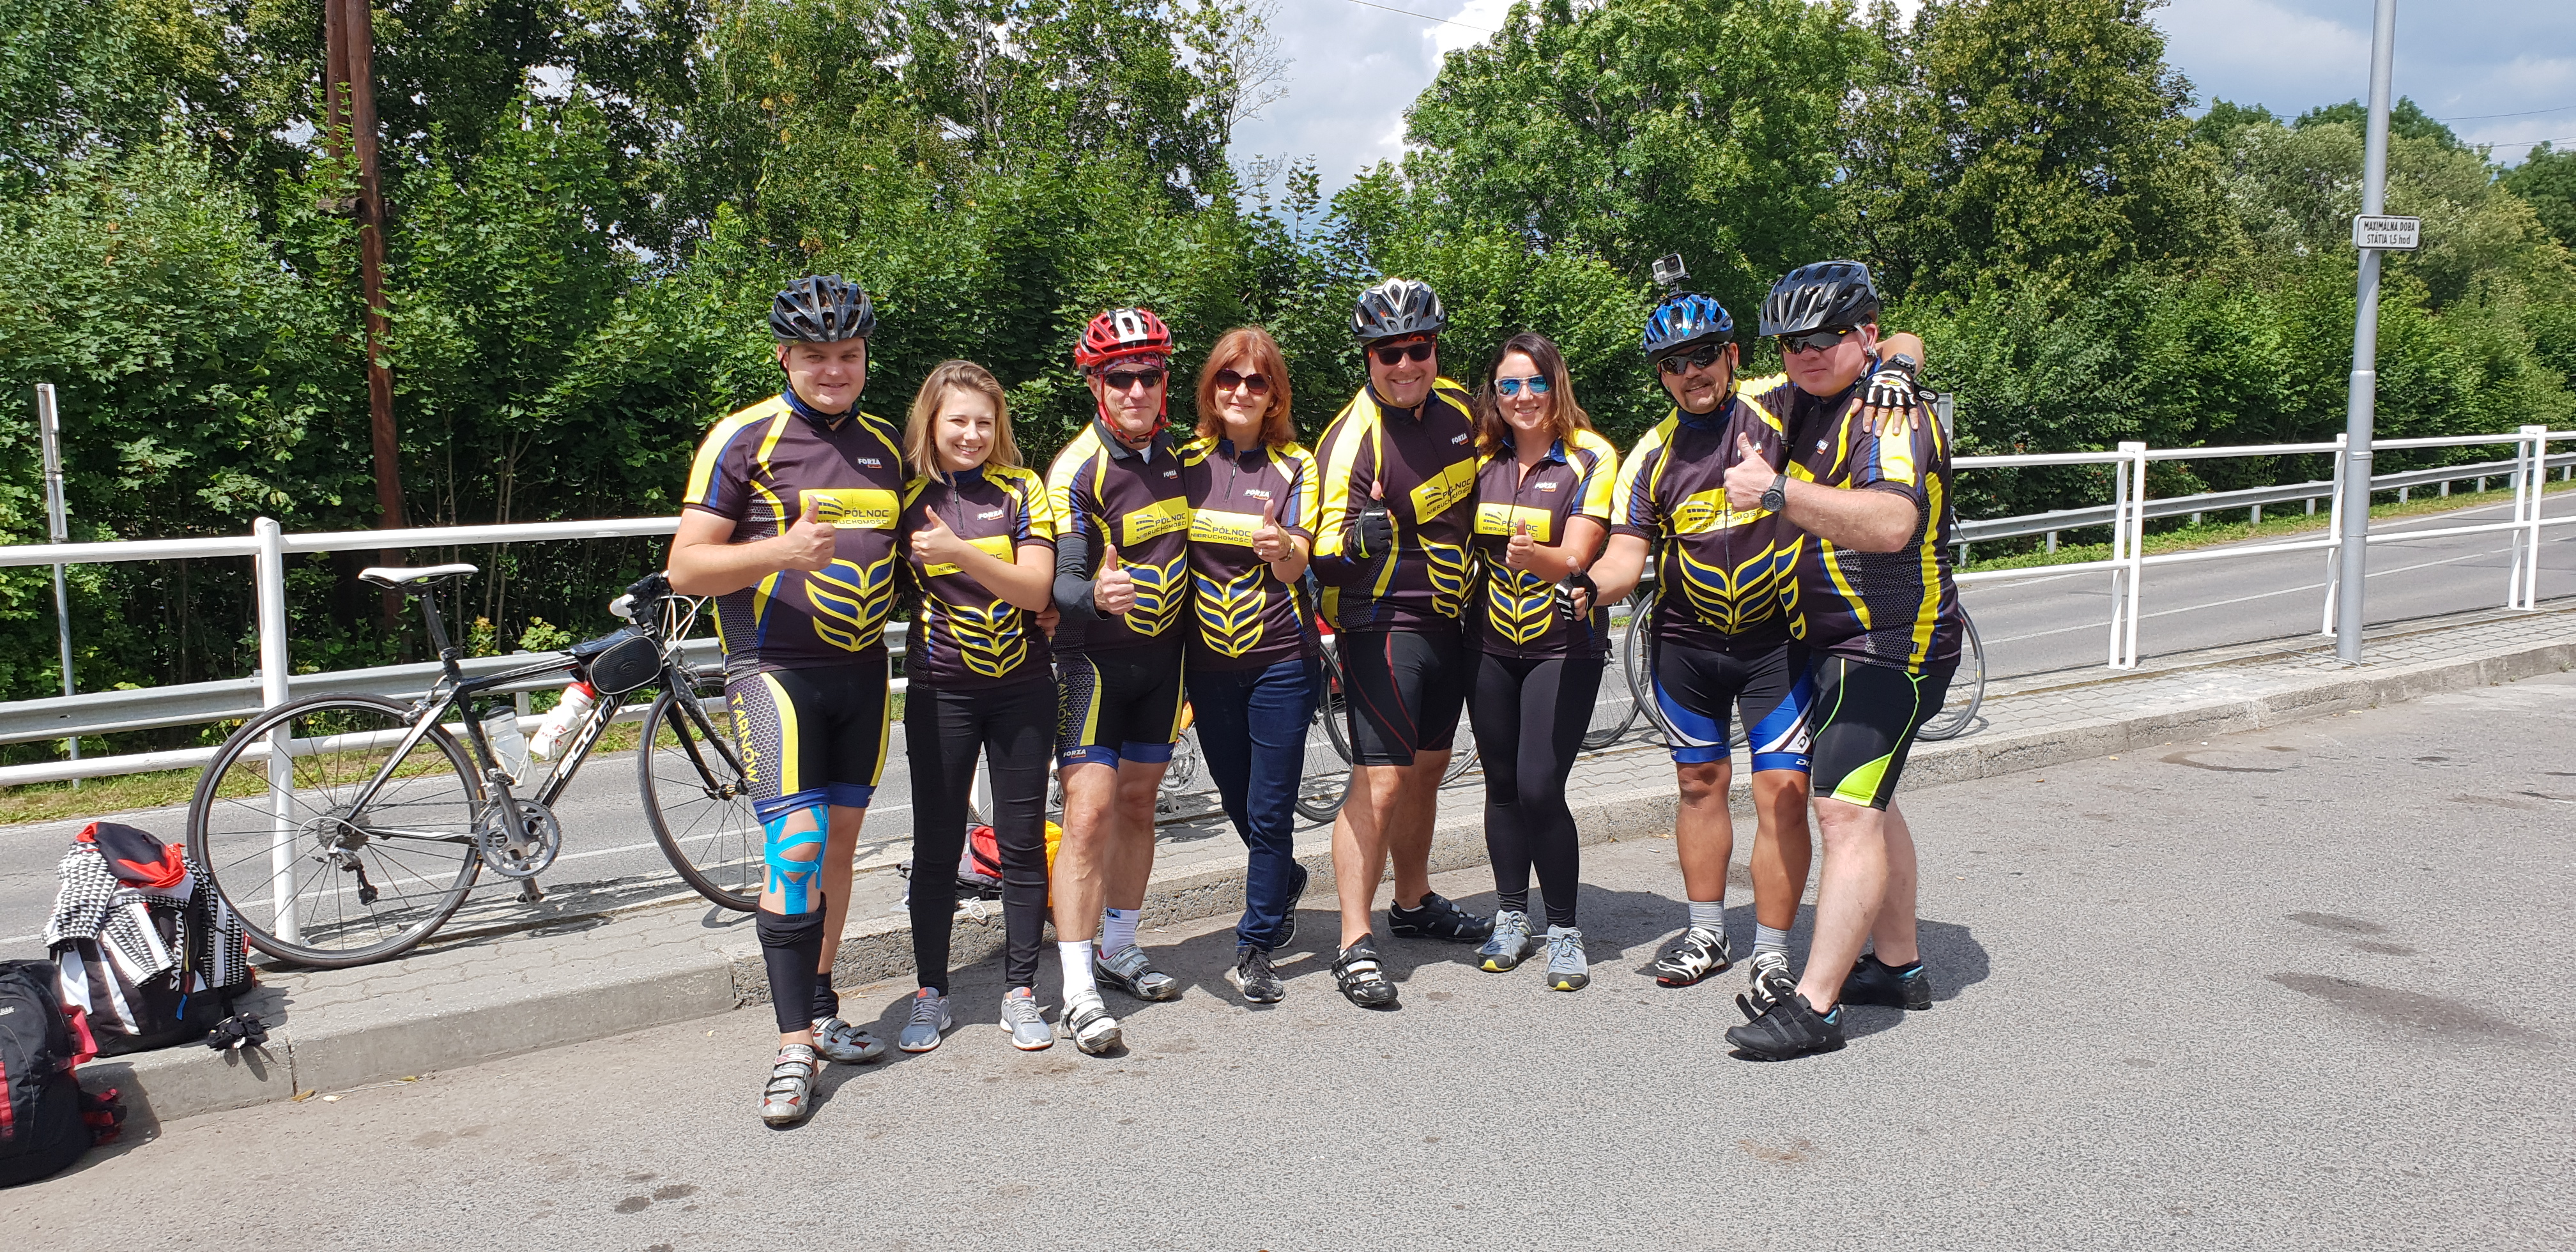 W Tour de Tatry wzięła udział cała ekipa Północ Nieruchomości